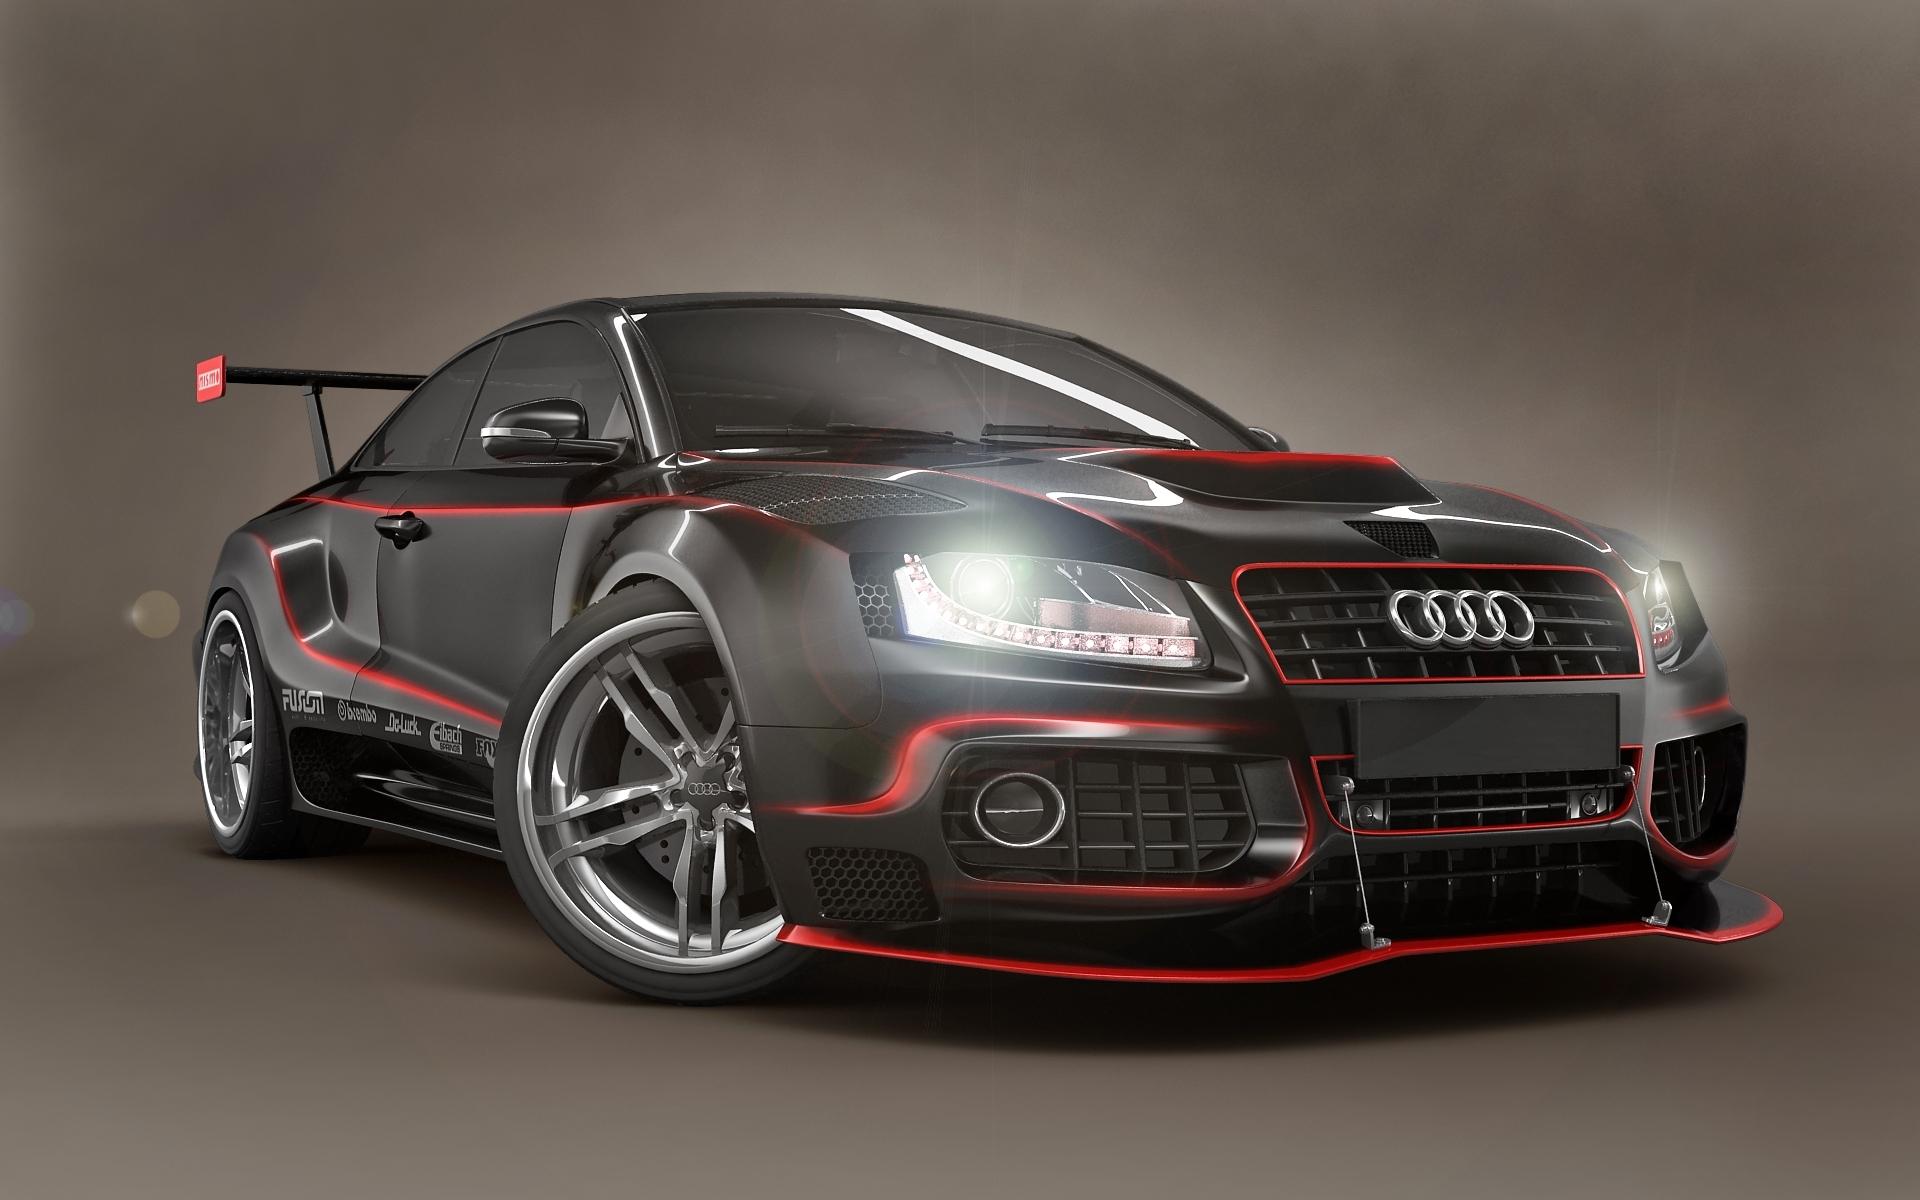 24189 скачать обои Транспорт, Машины, Тюнинг, Ауди (Audi) - заставки и картинки бесплатно